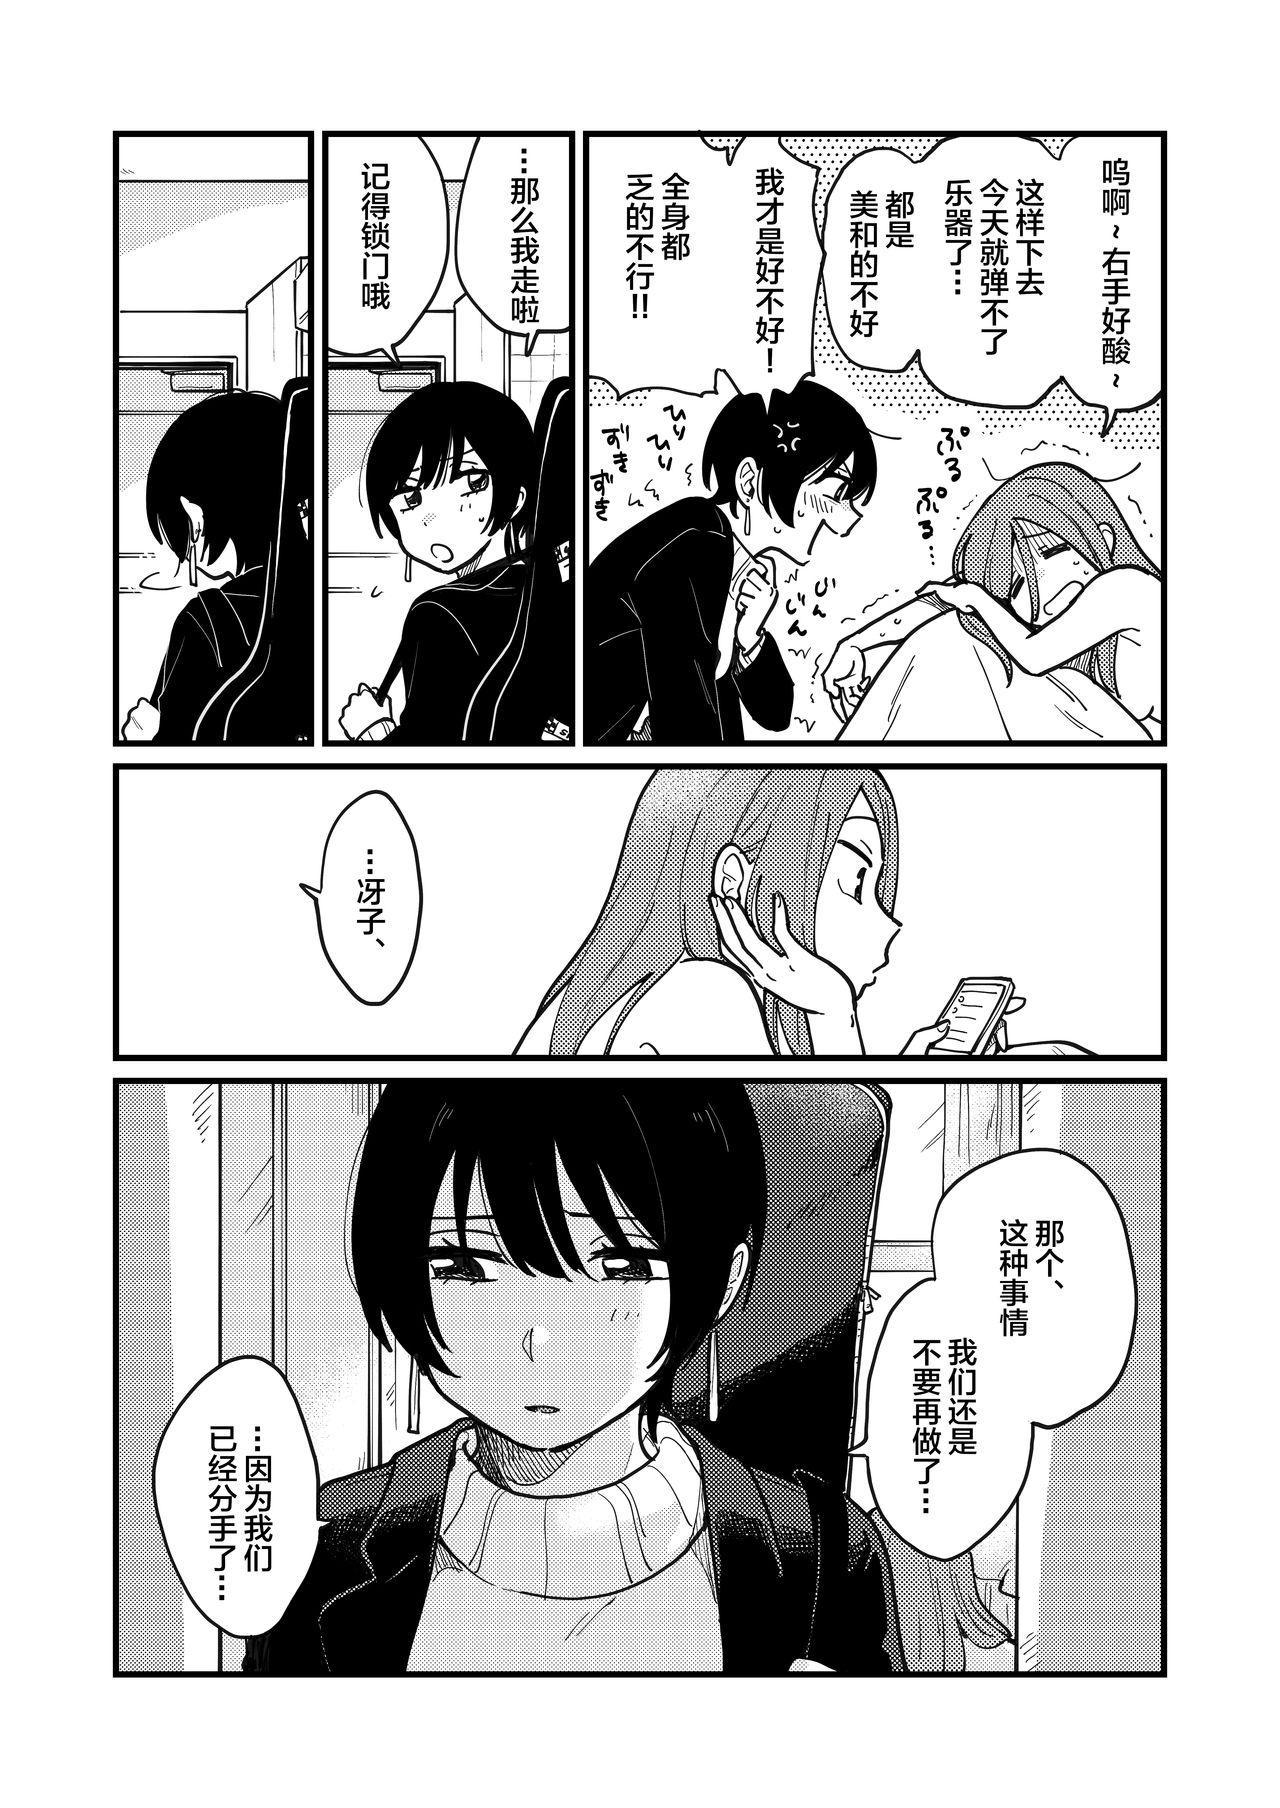 Tsukiatte Nai Kedo Yarimashita | 明明没有在交往,却还是做了 22